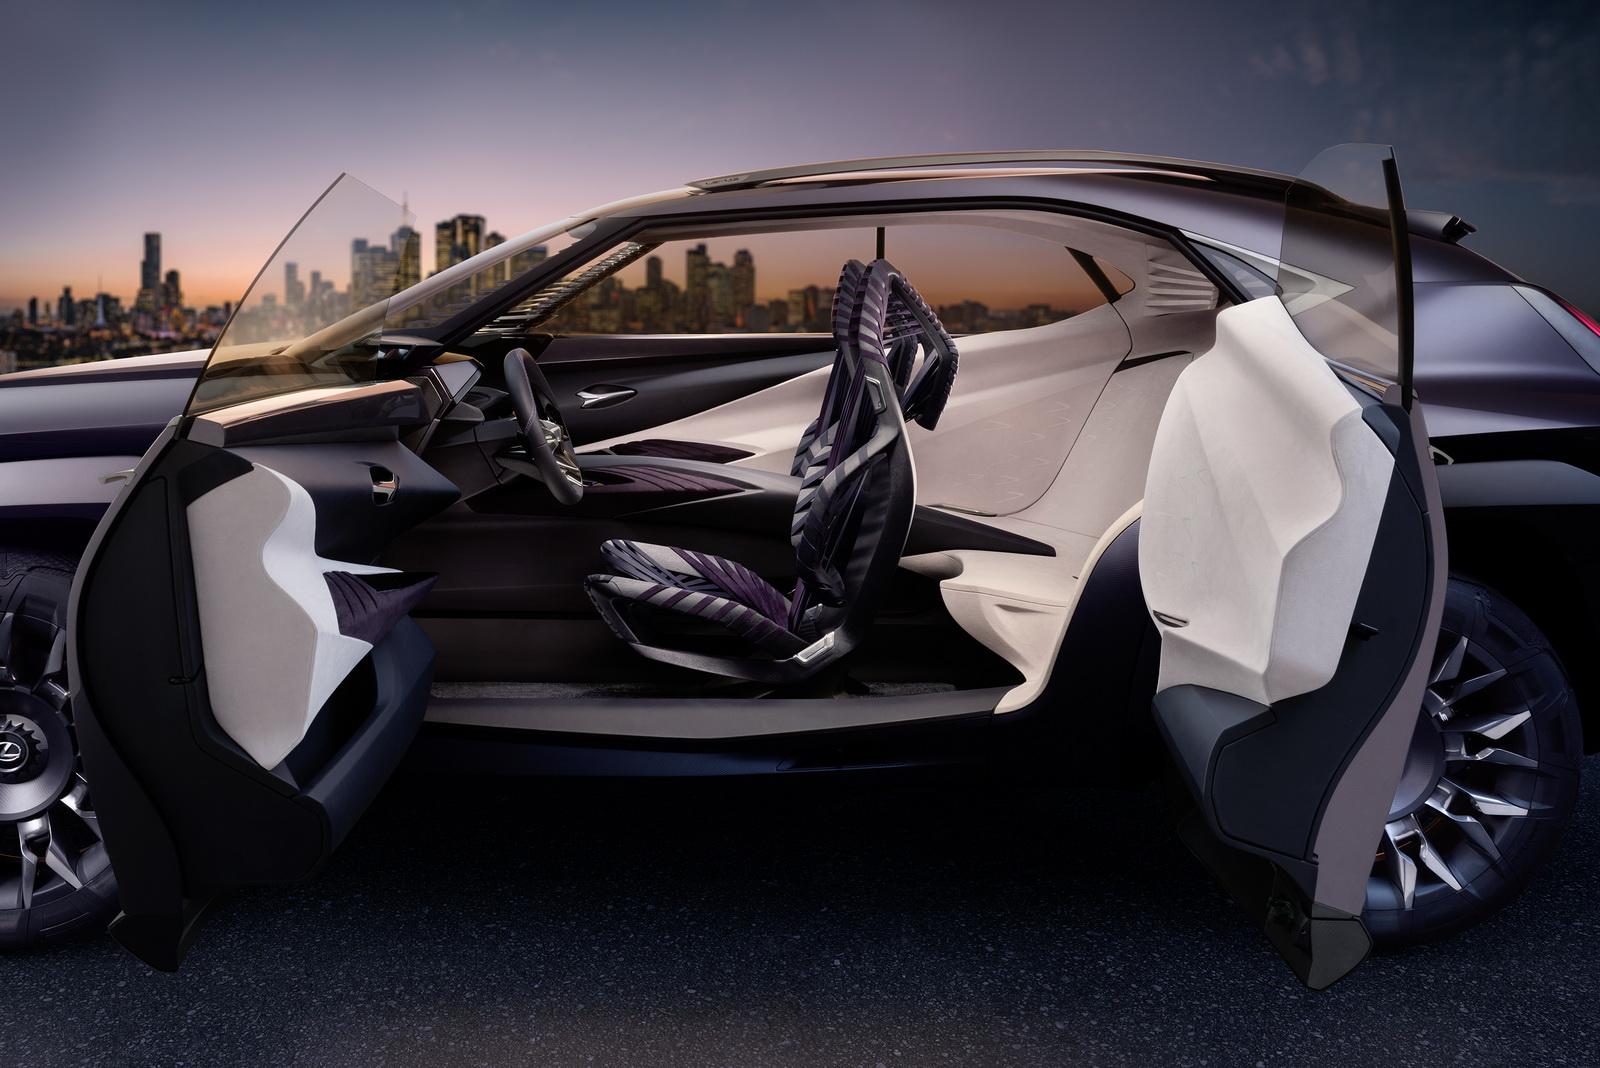 2016 Lexus UX - Concepts